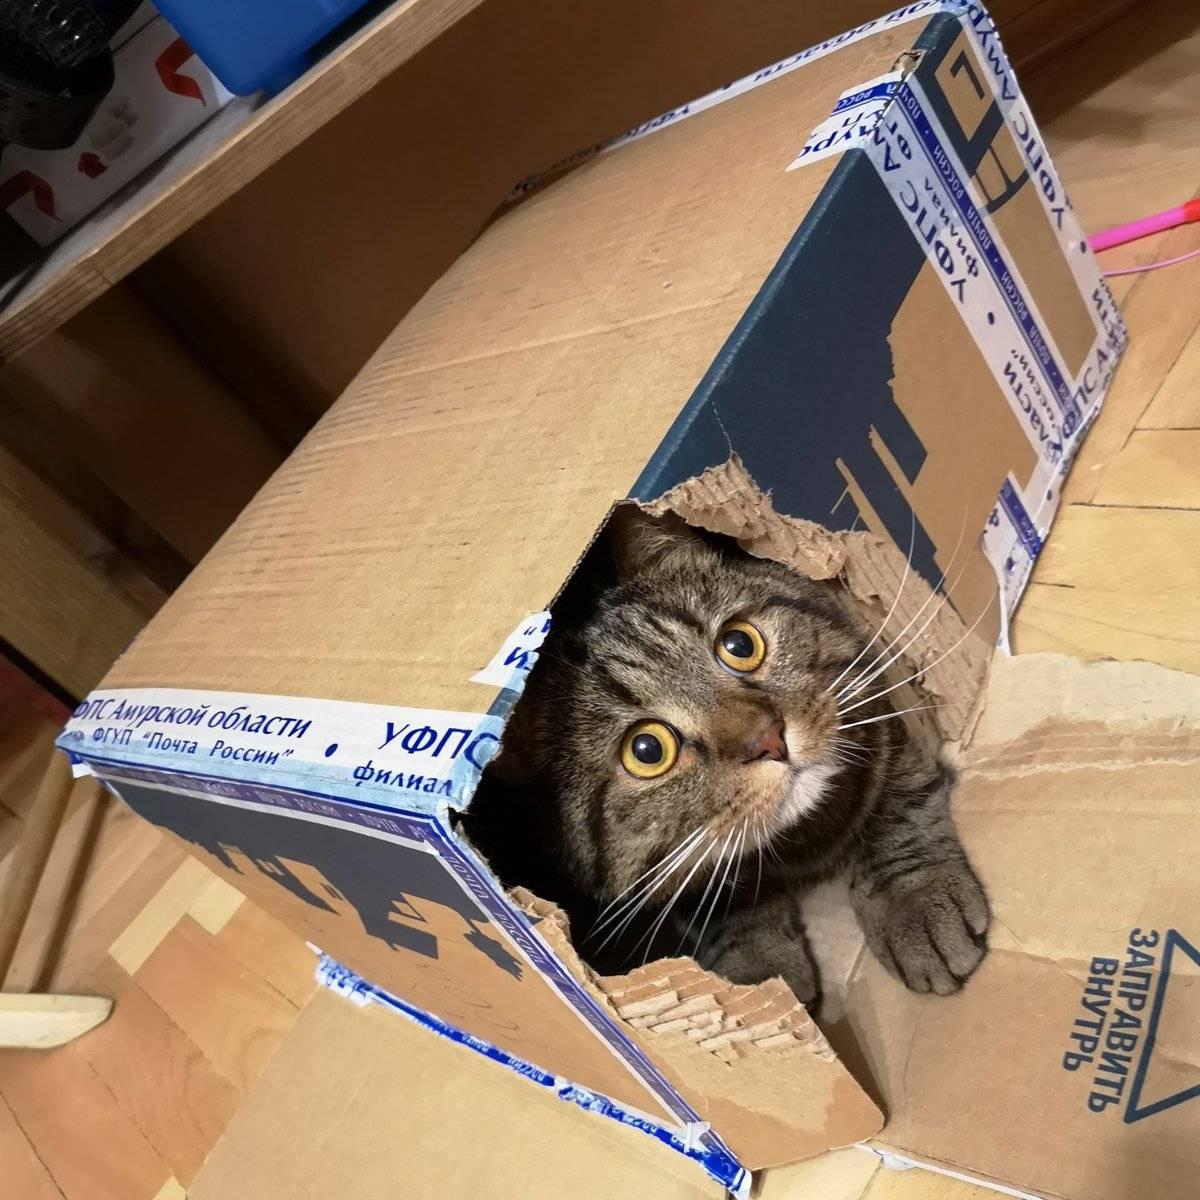 Почему кошки любят коробки? причины, фото и видео